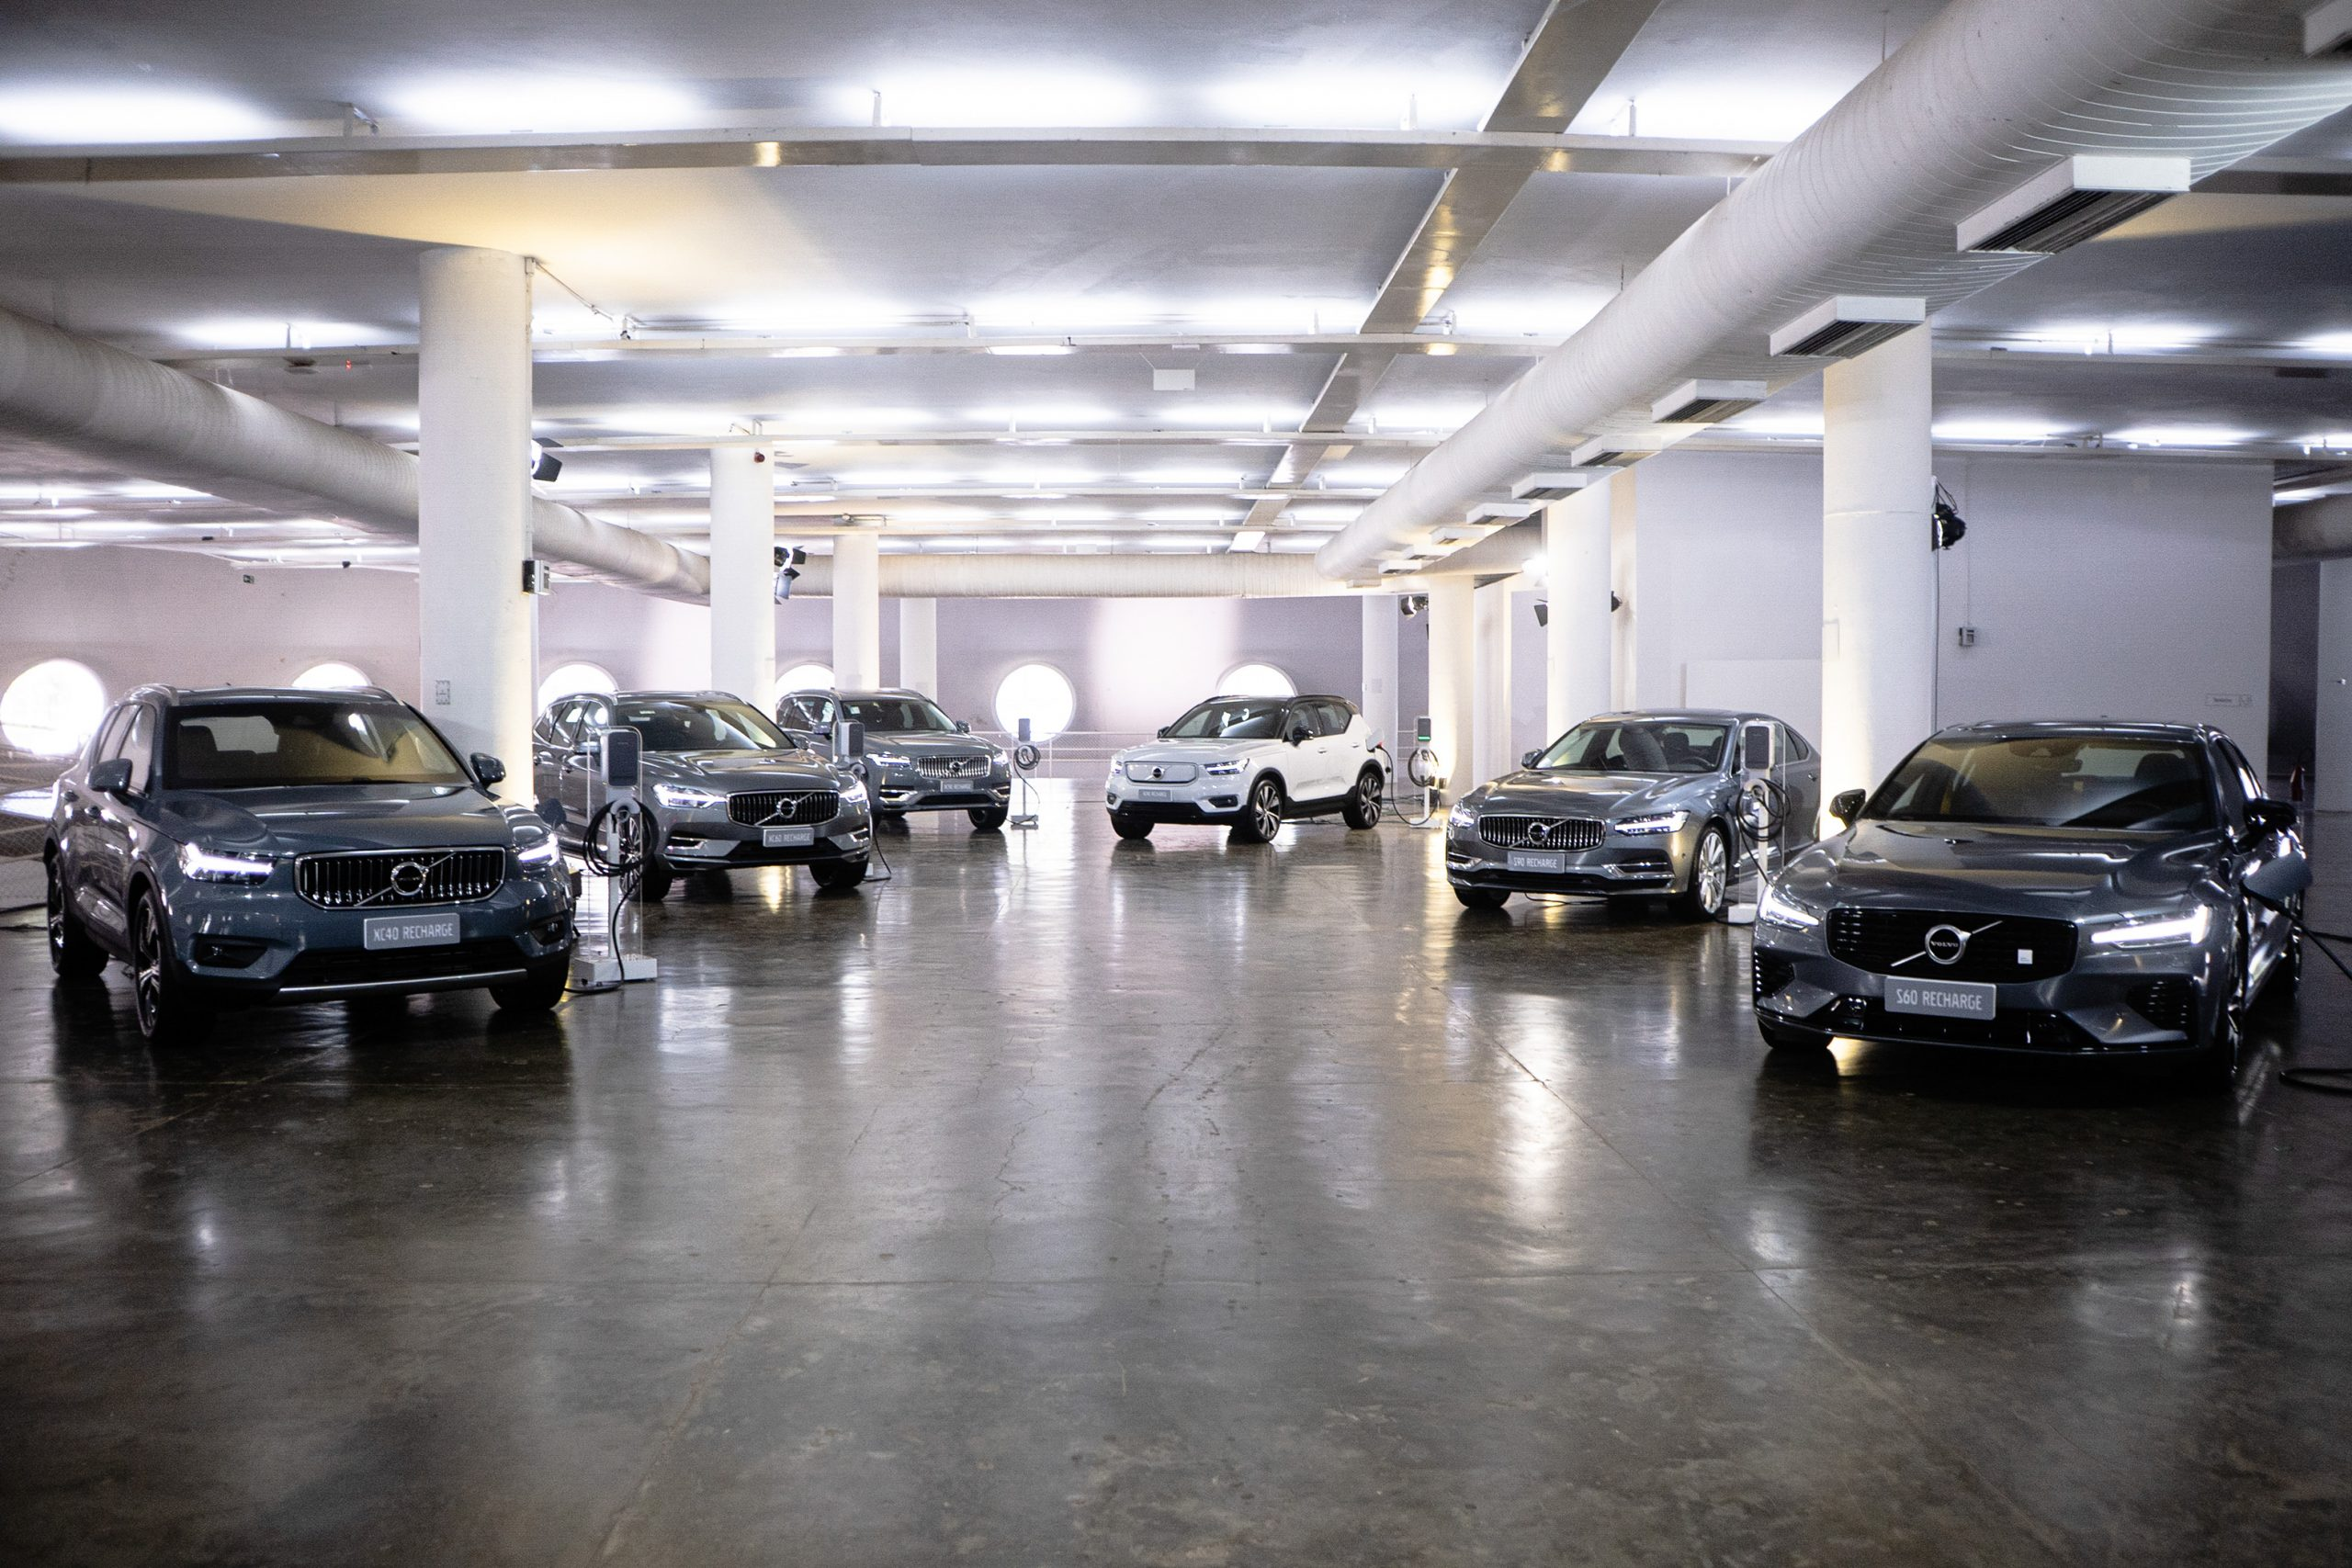 frota de carros eletricos da volvo carregando em estacionamento coberto